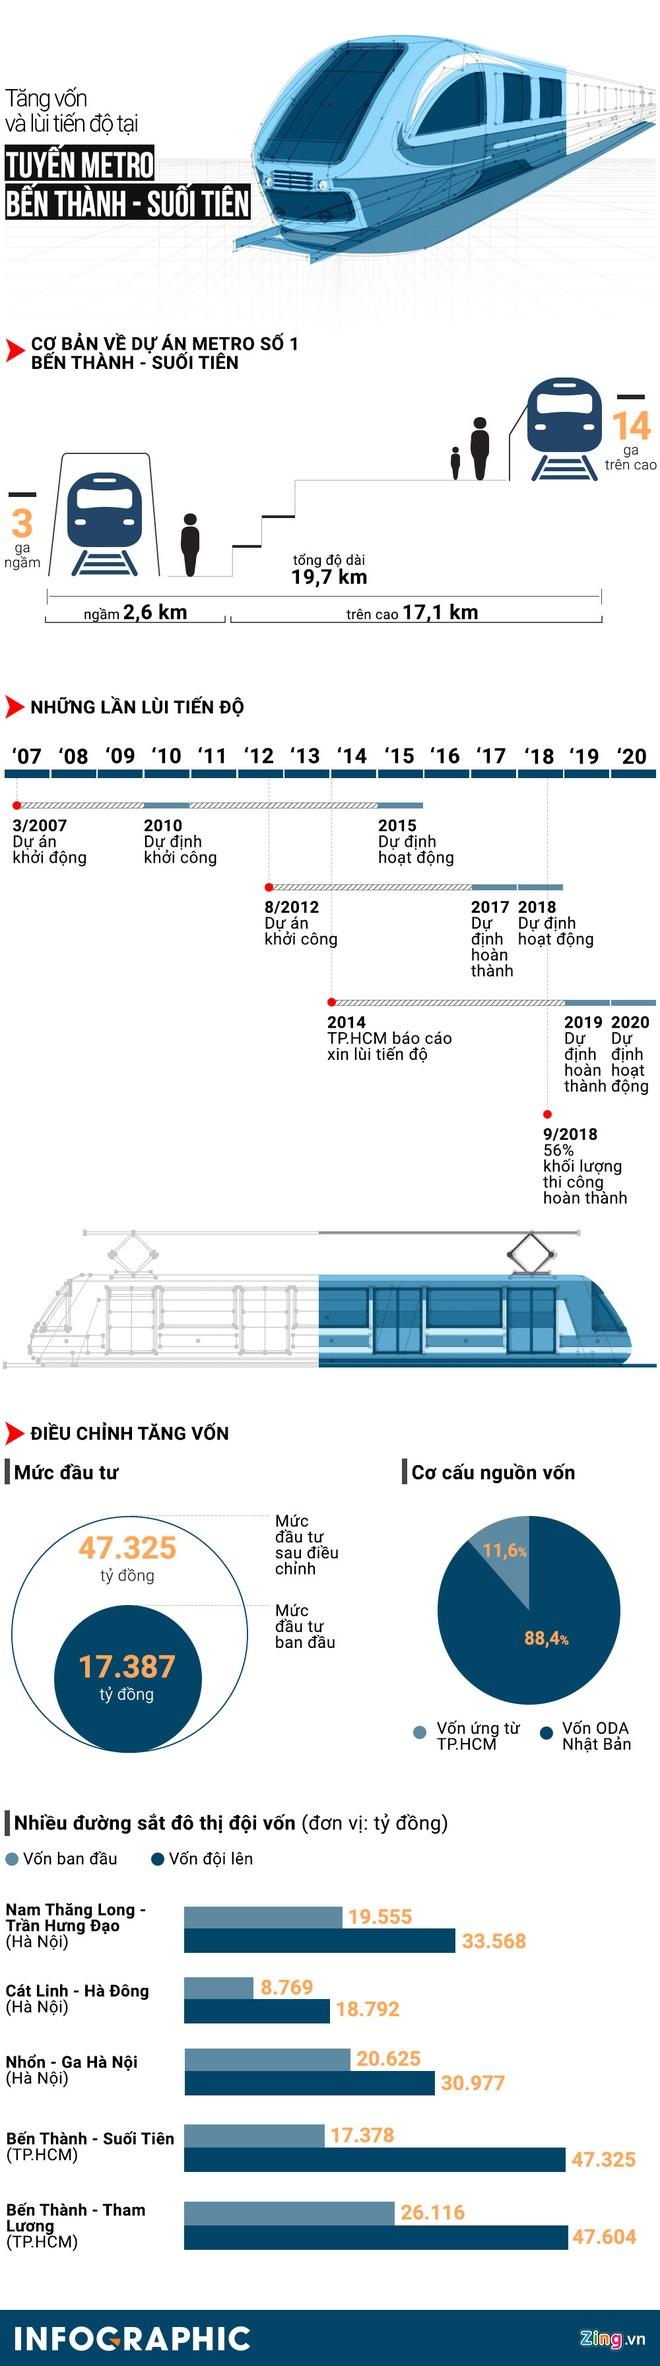 TP.HCM kien nghi tam ung cho tuyen Metro so 1 anh 2